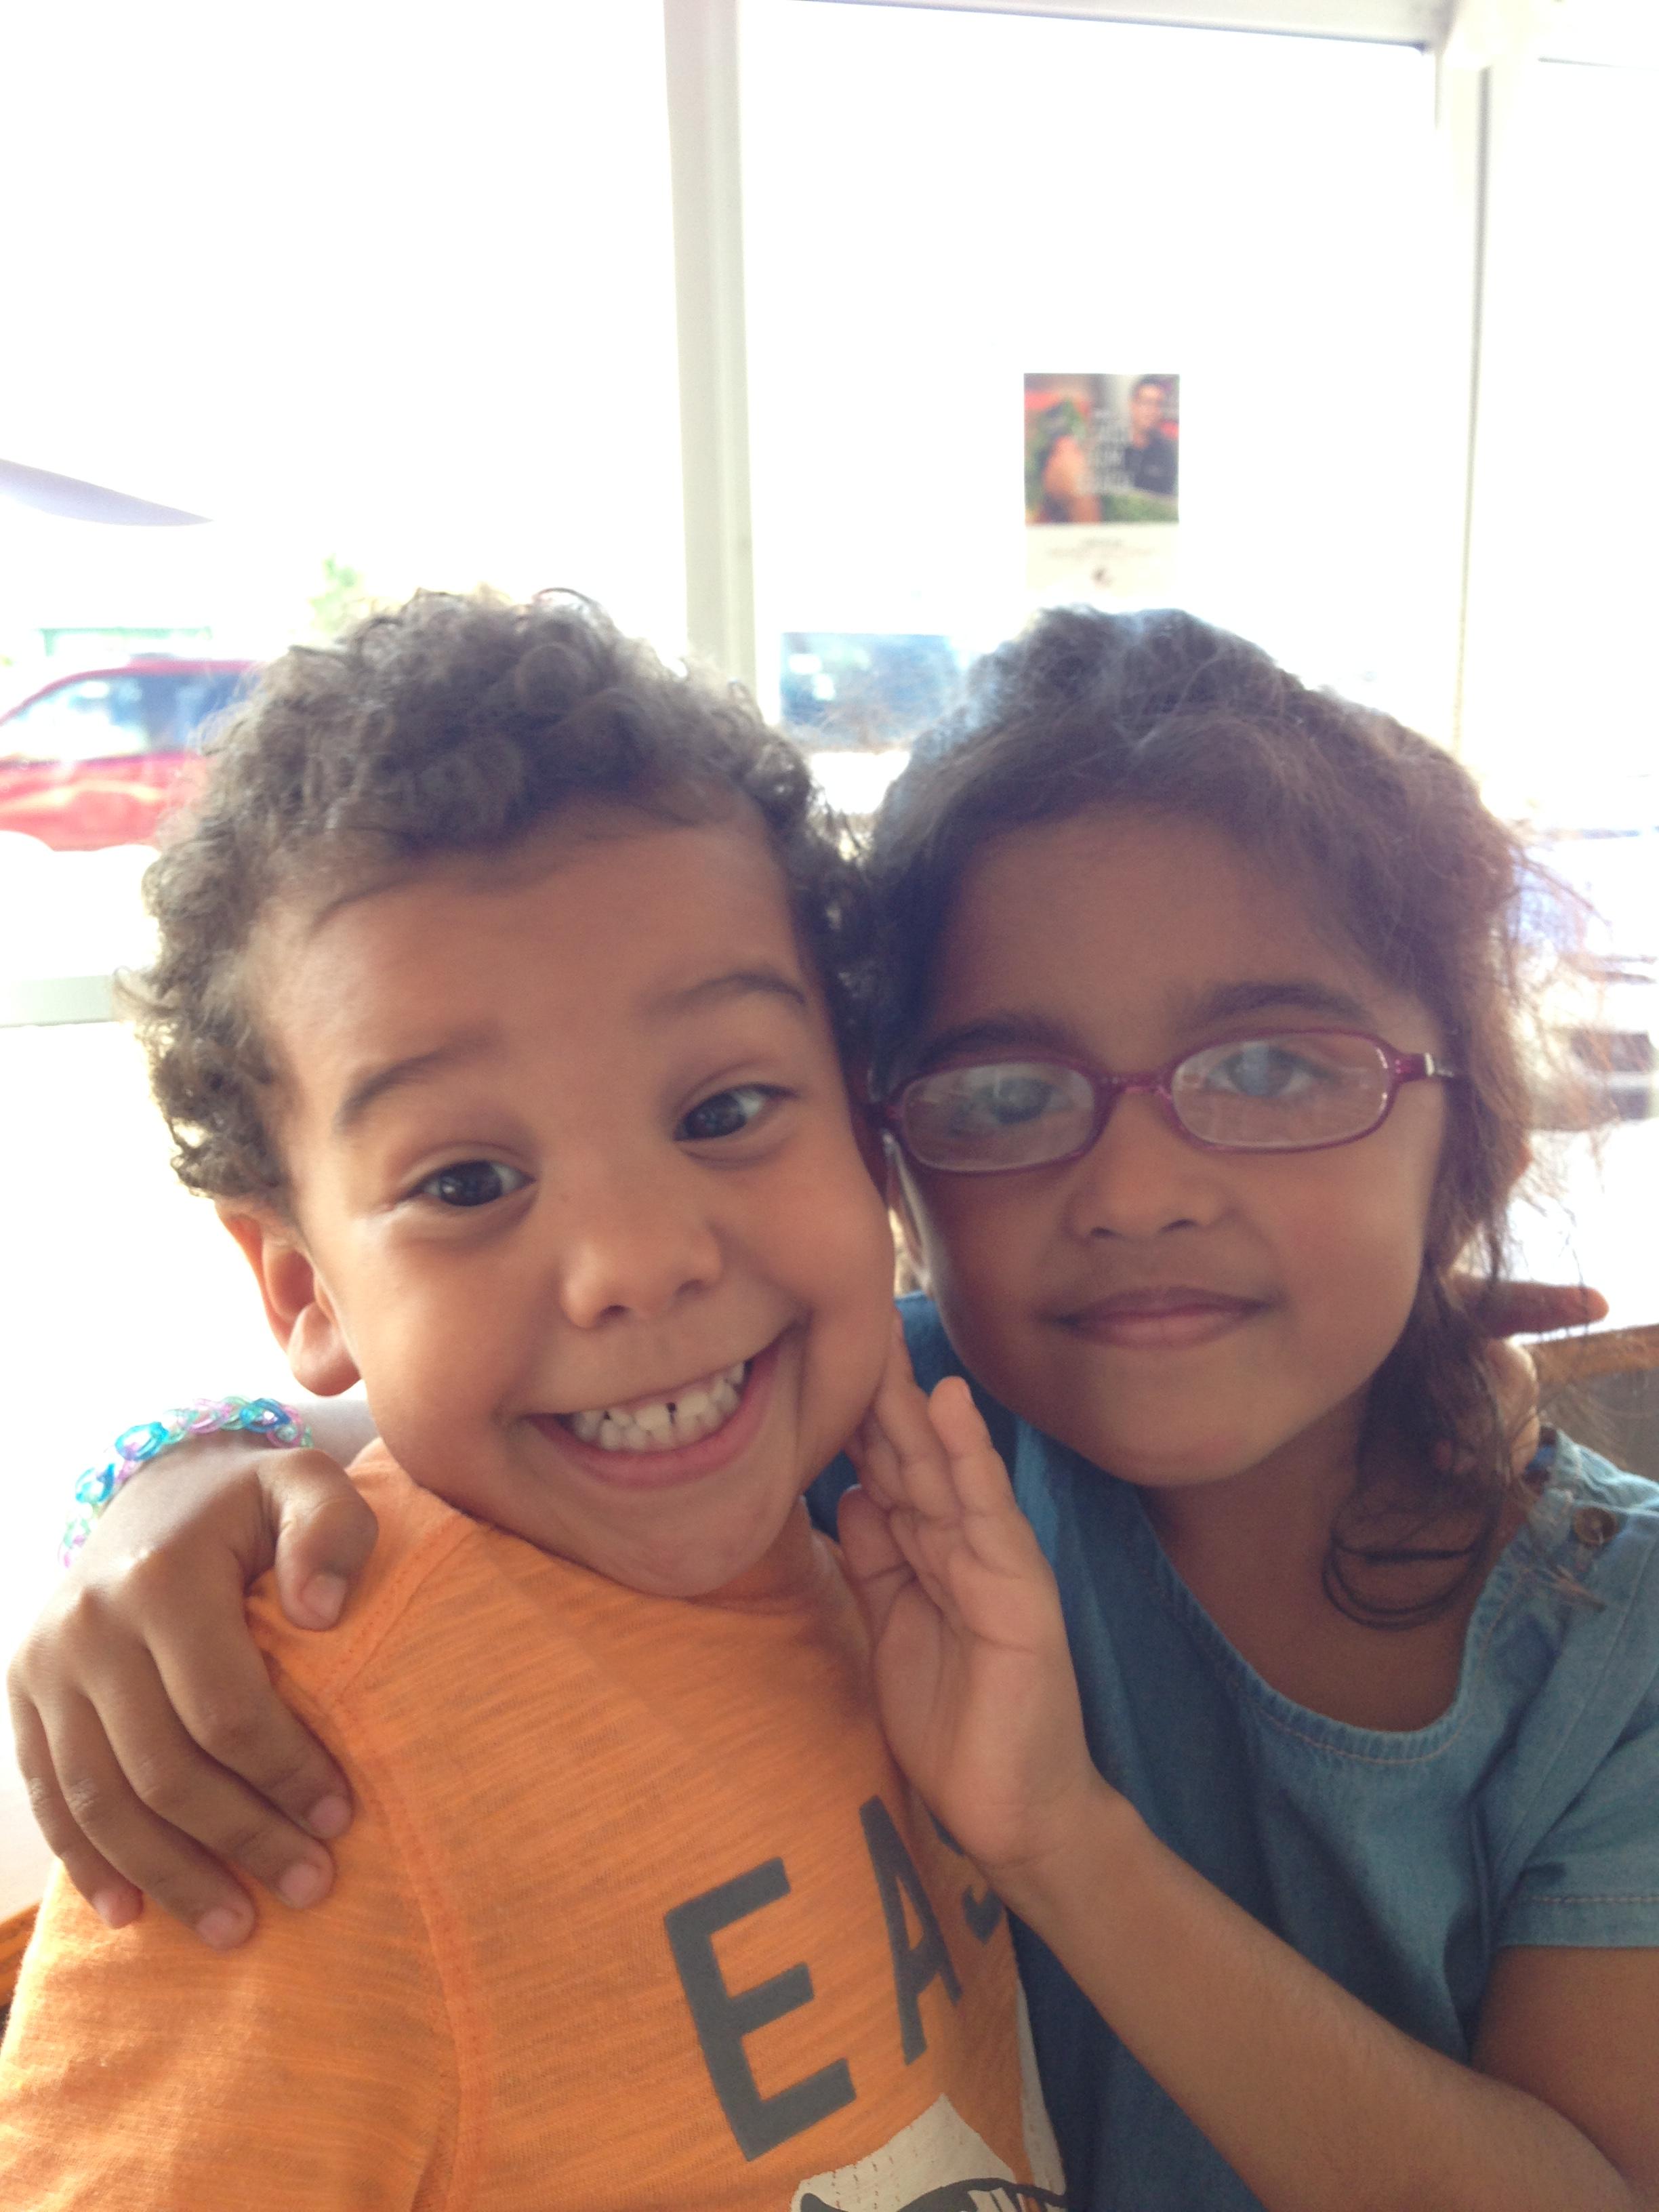 Sibling adoration